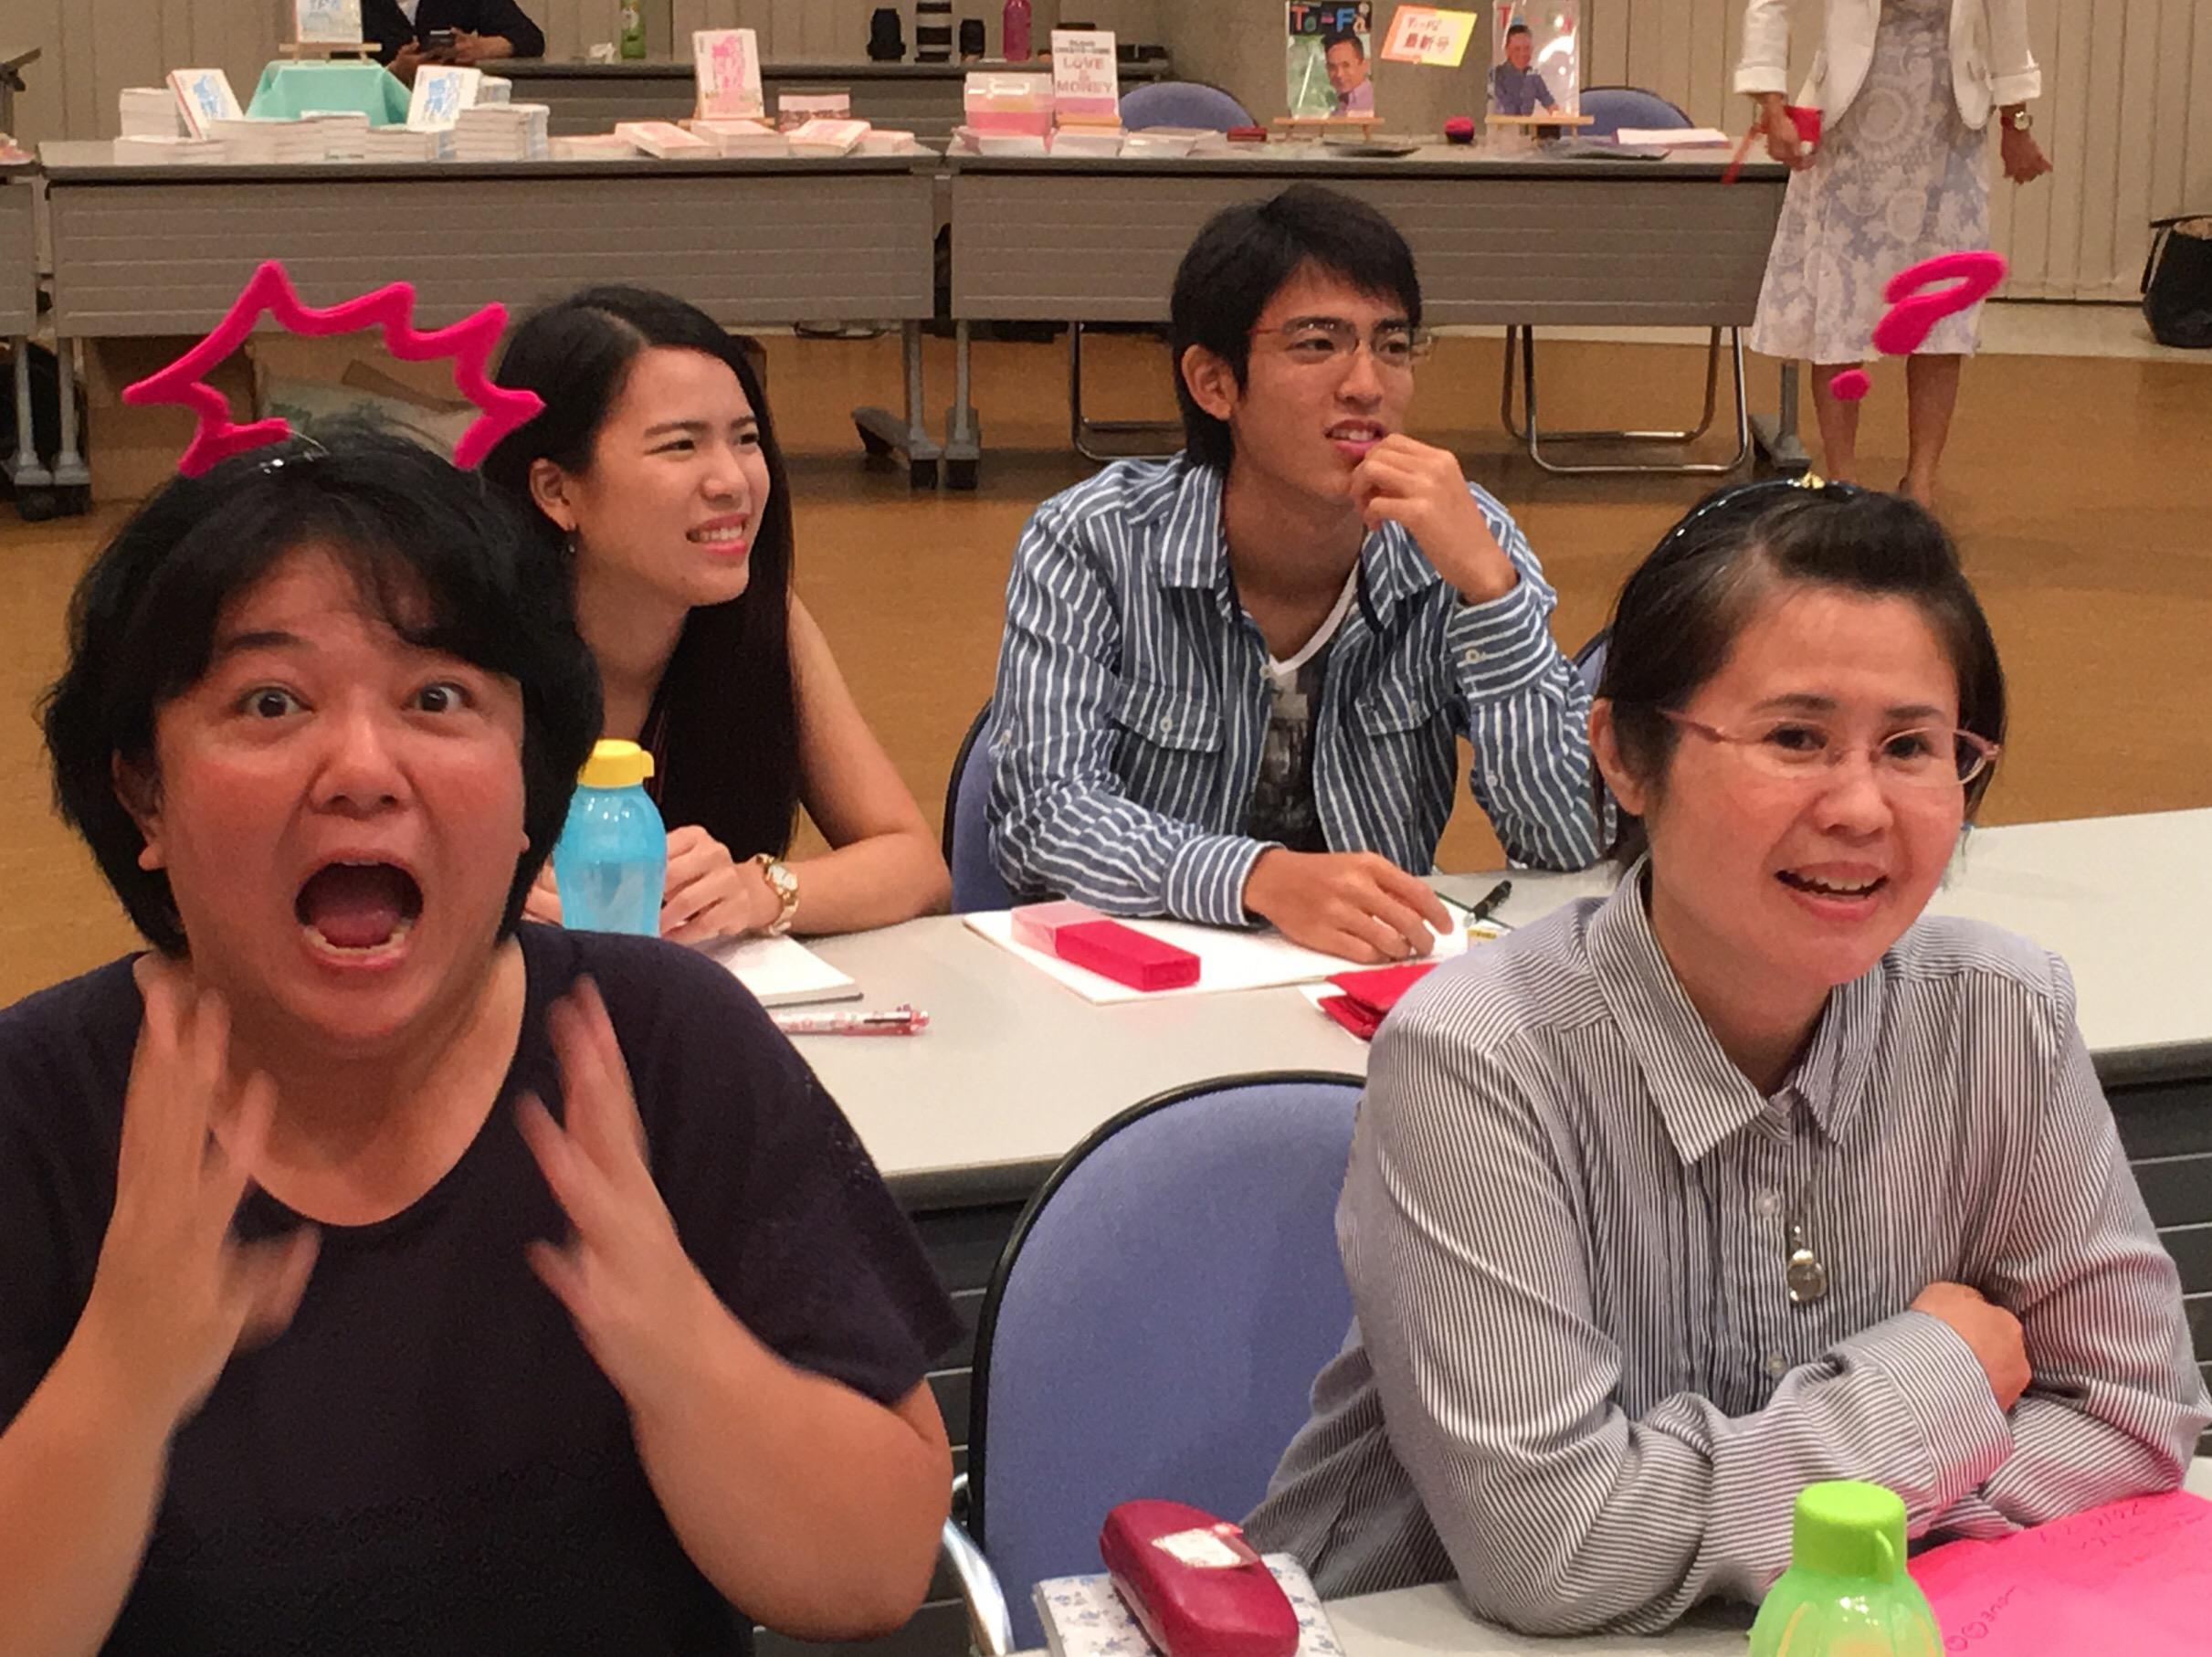 先生の授業第1投‼️ あのね、、そもそも。 君たちが問題だよ。 真顔で授業うける 沖縄の生徒よー、、、。